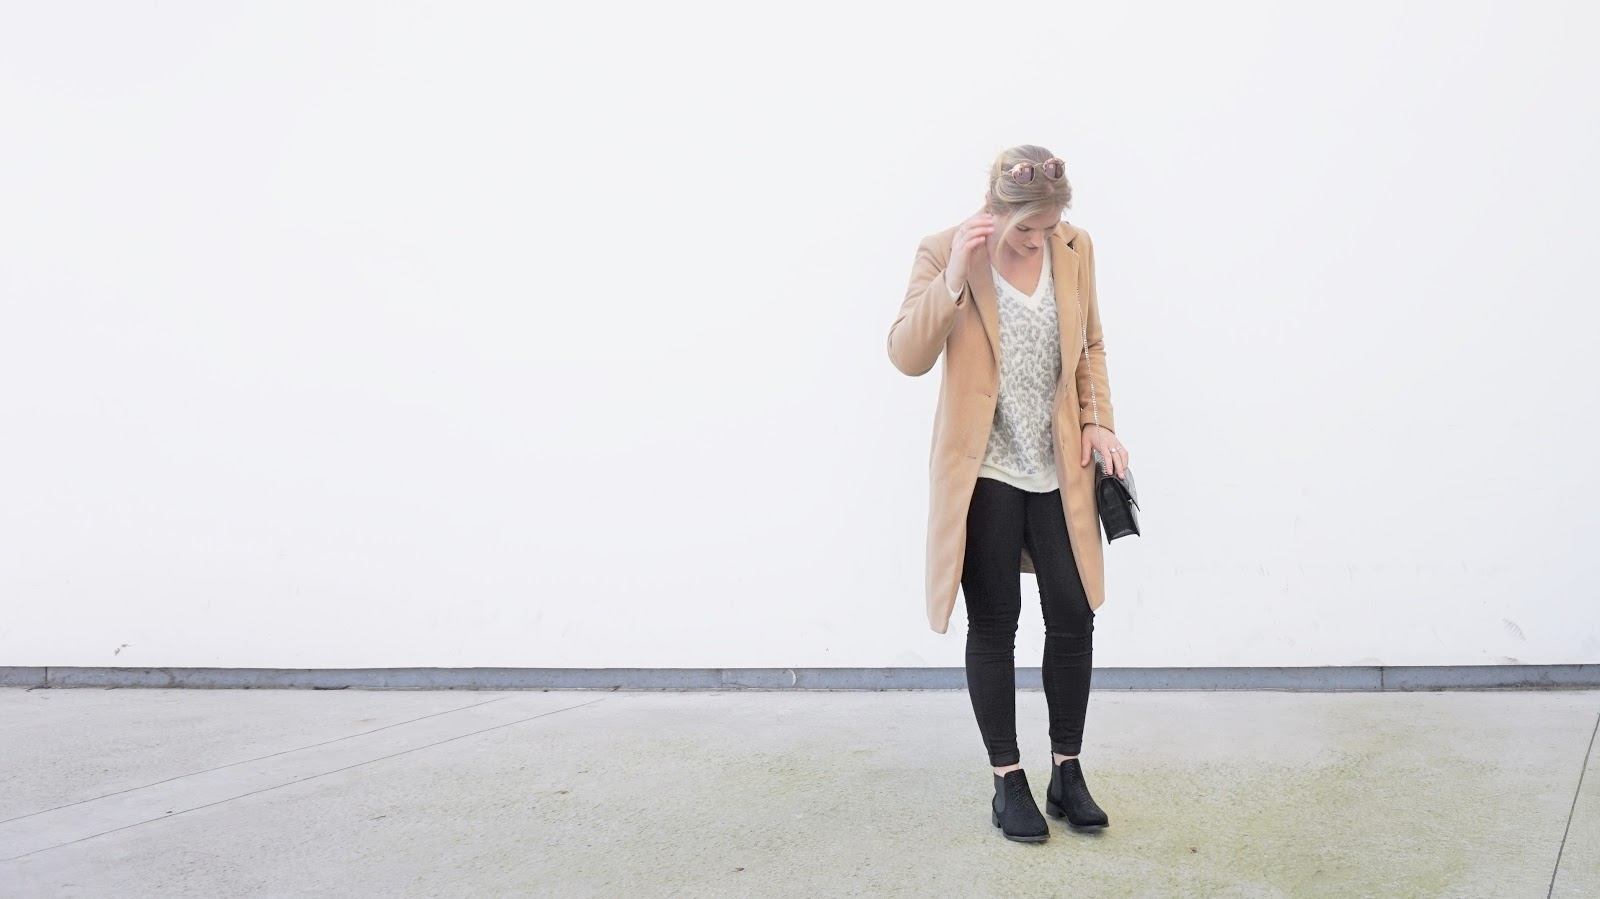 DSC01161 | Eline Van Dingenen